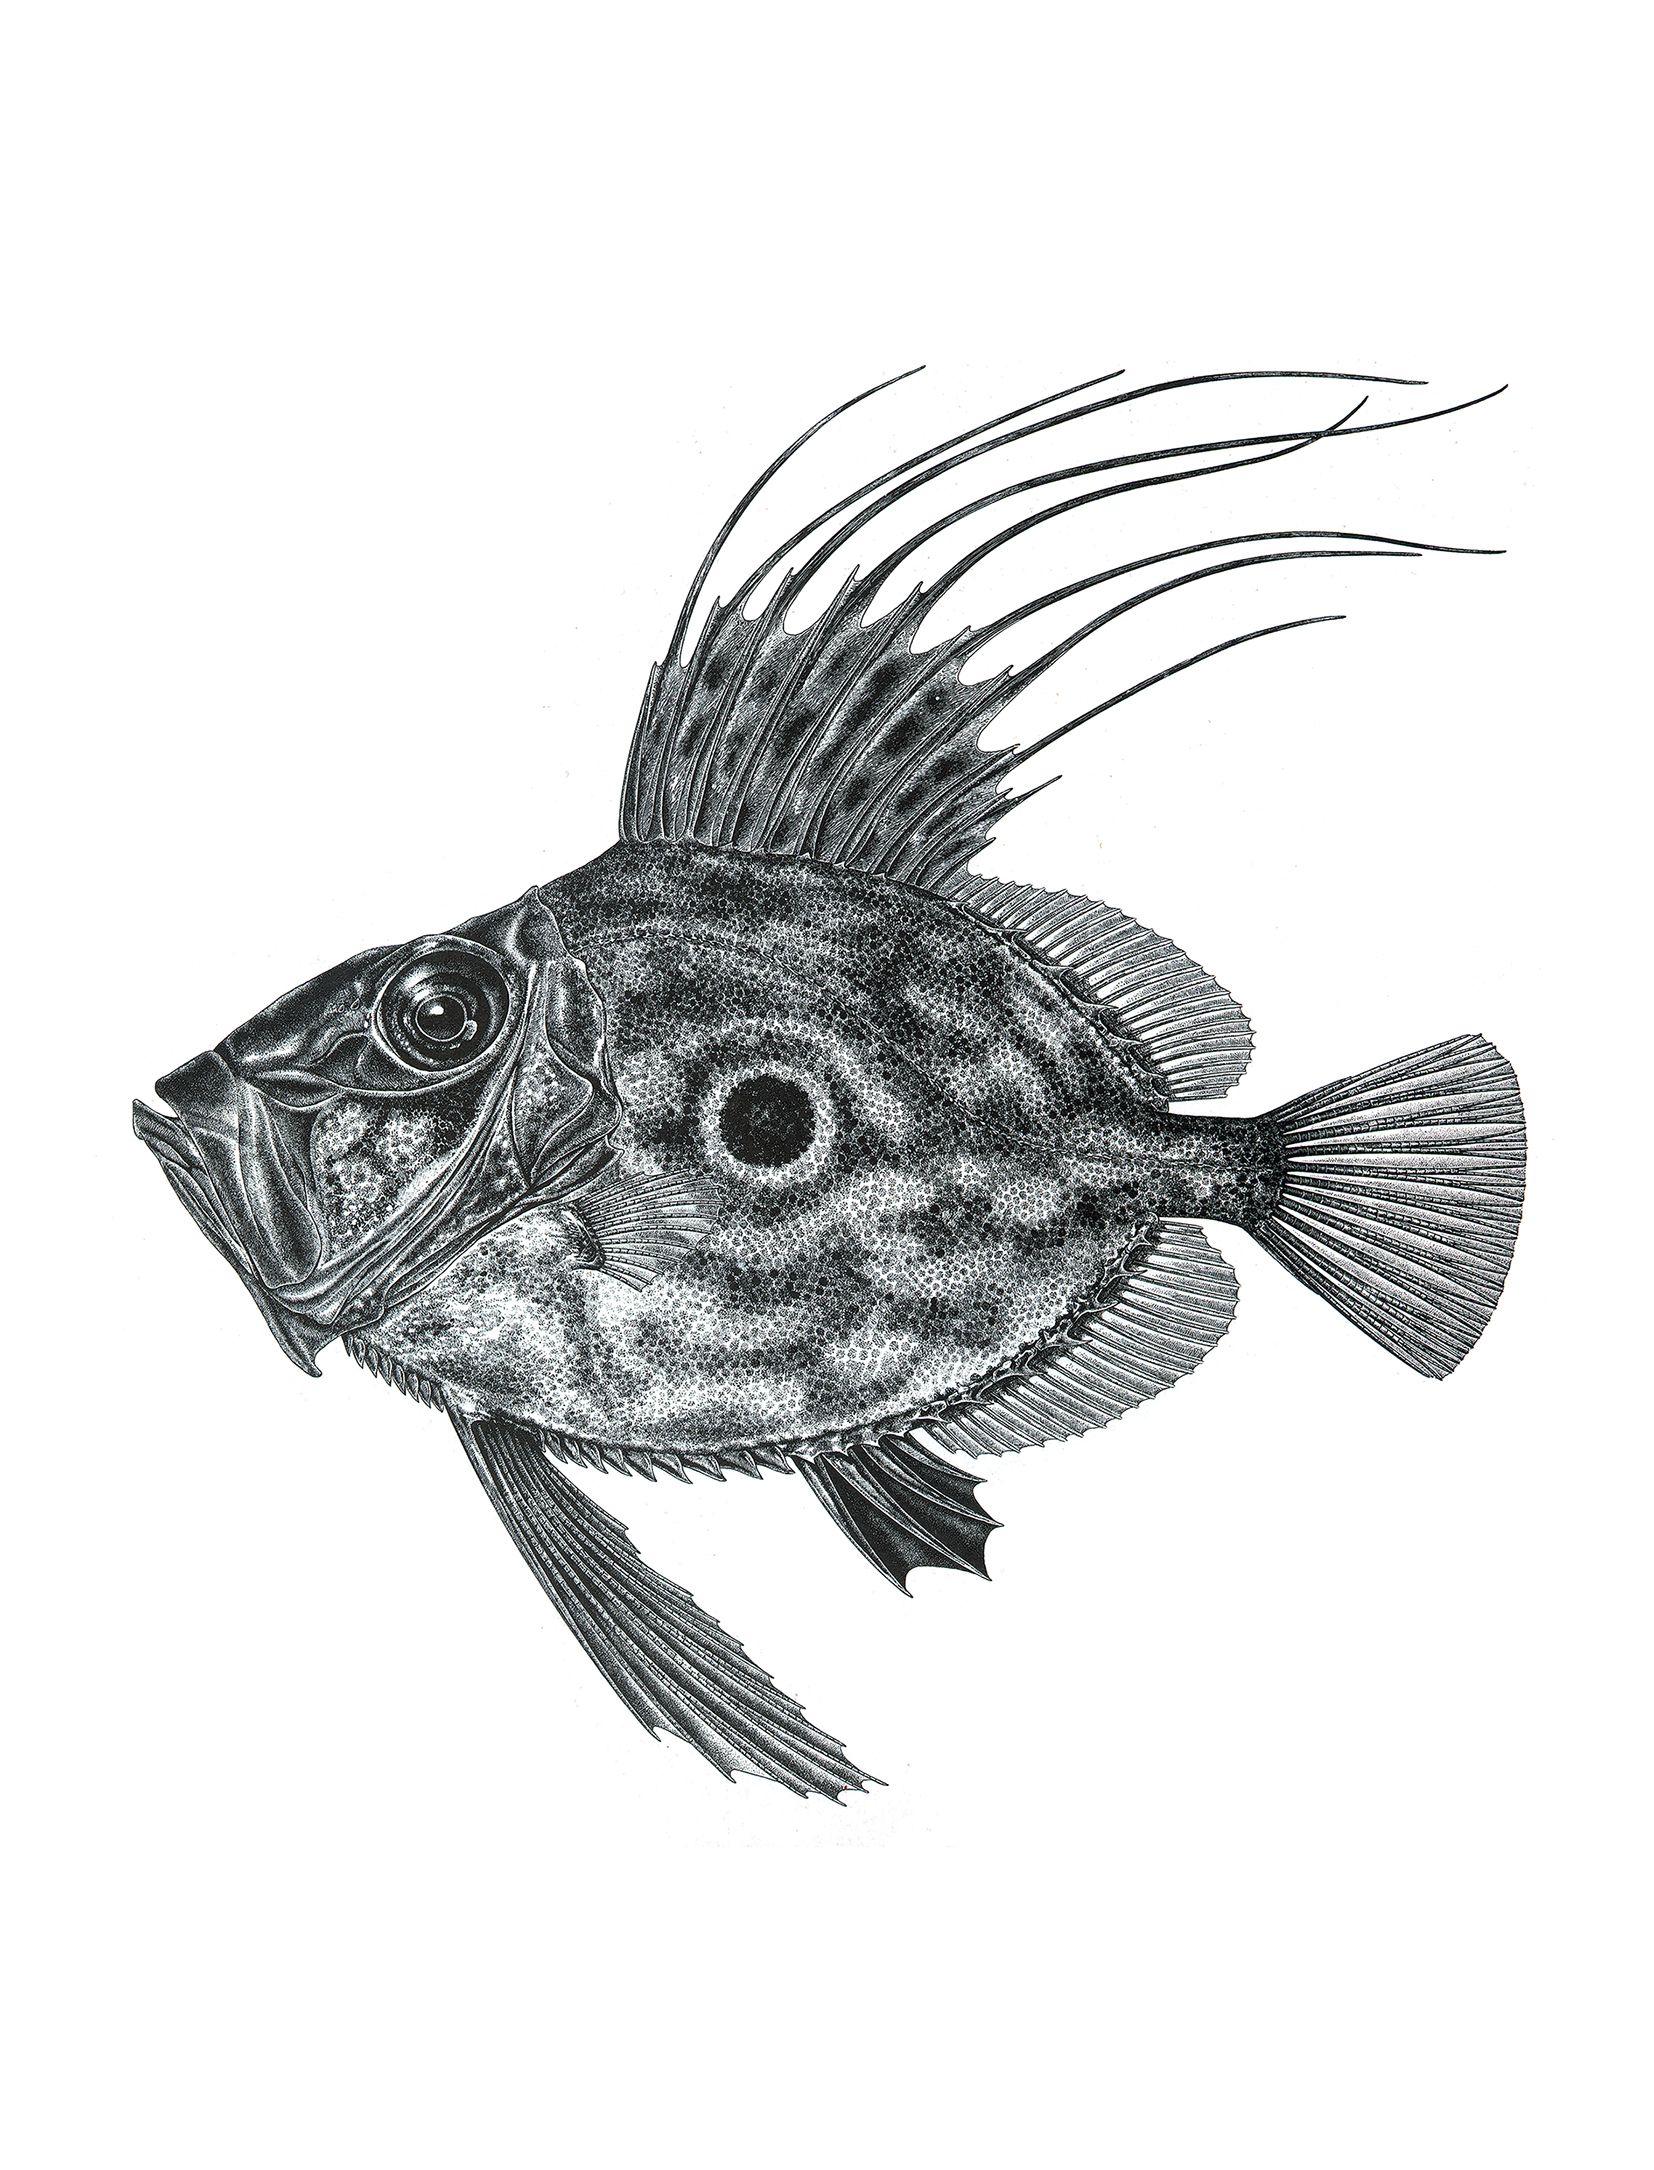 Ungewöhnlich Fisch Schädelanatomie Bilder - Anatomie Ideen - finotti ...